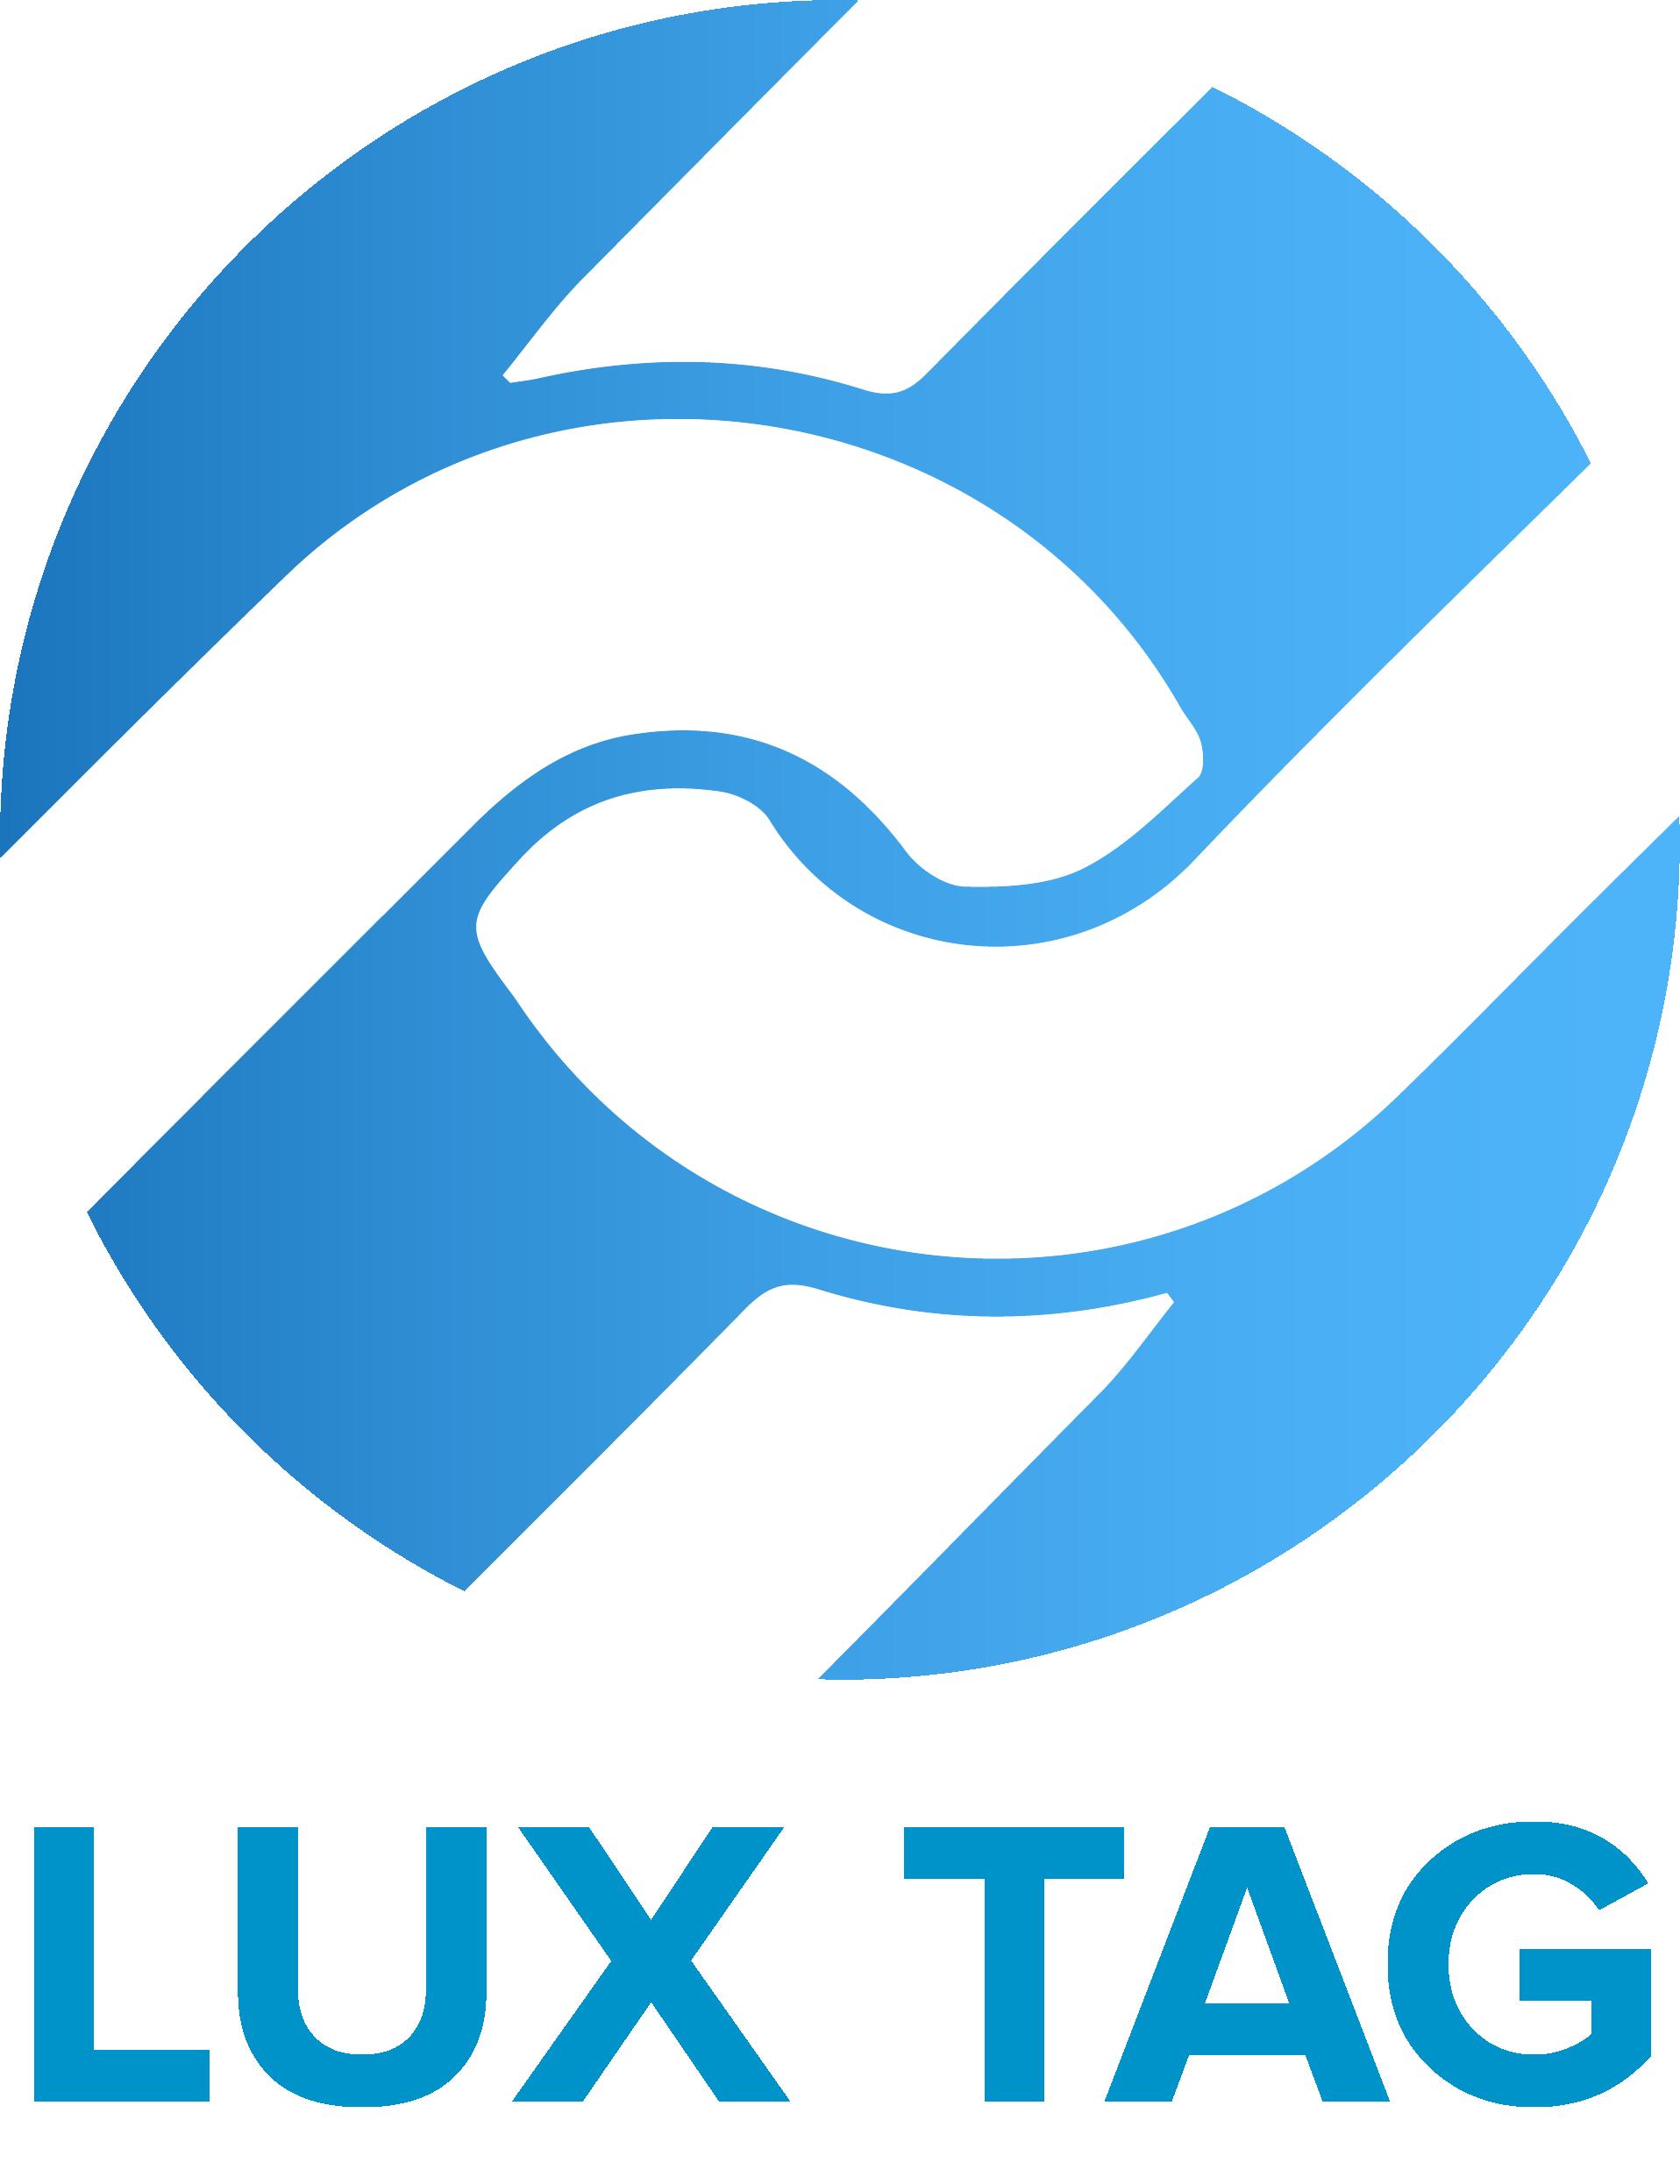 LuxTag Tim Draper Art&Co